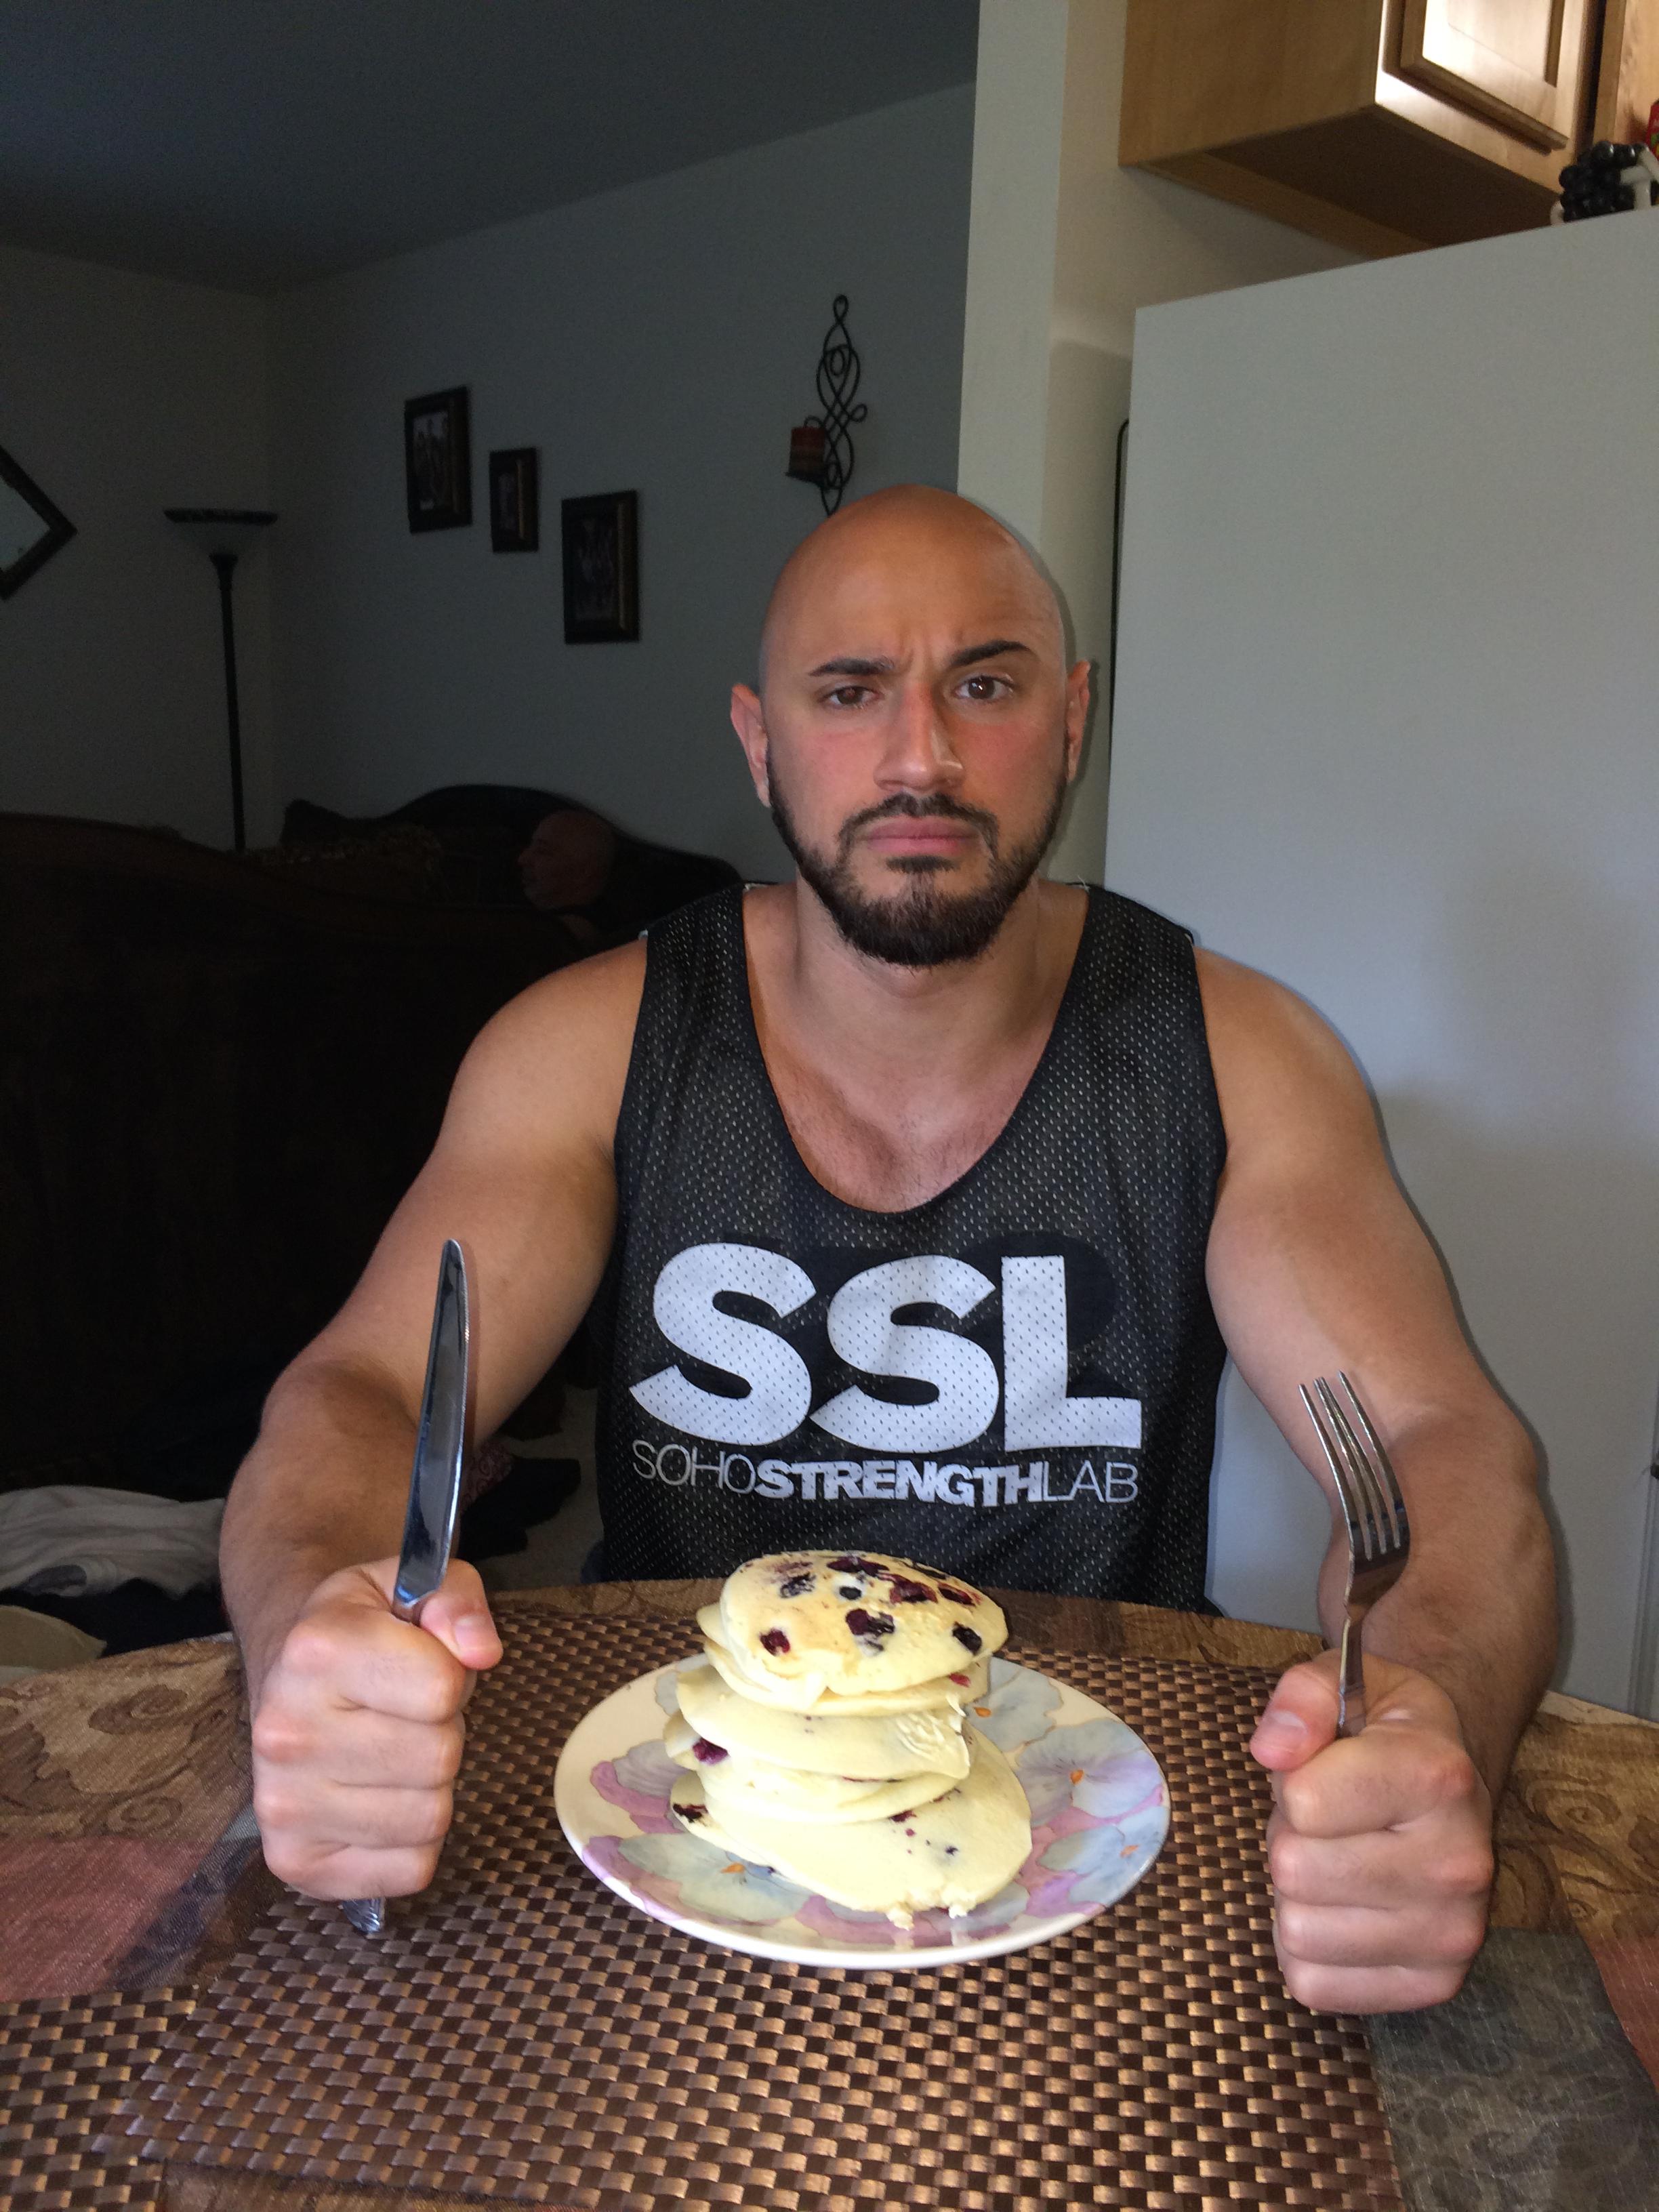 Or pancakes -- Joey likey pancakes